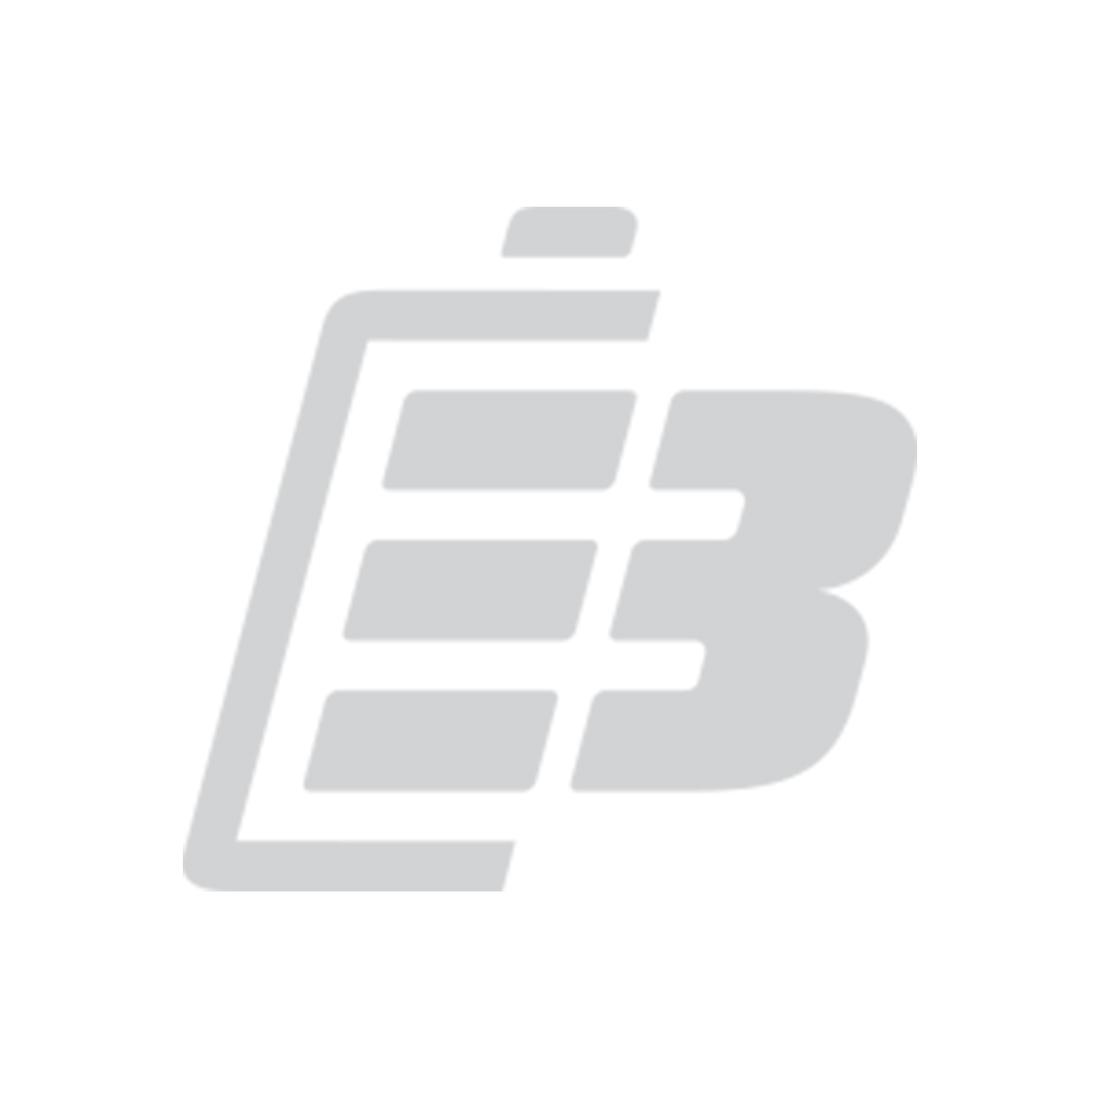 Μπαταρία MP3 Sony NWZ-S600_1